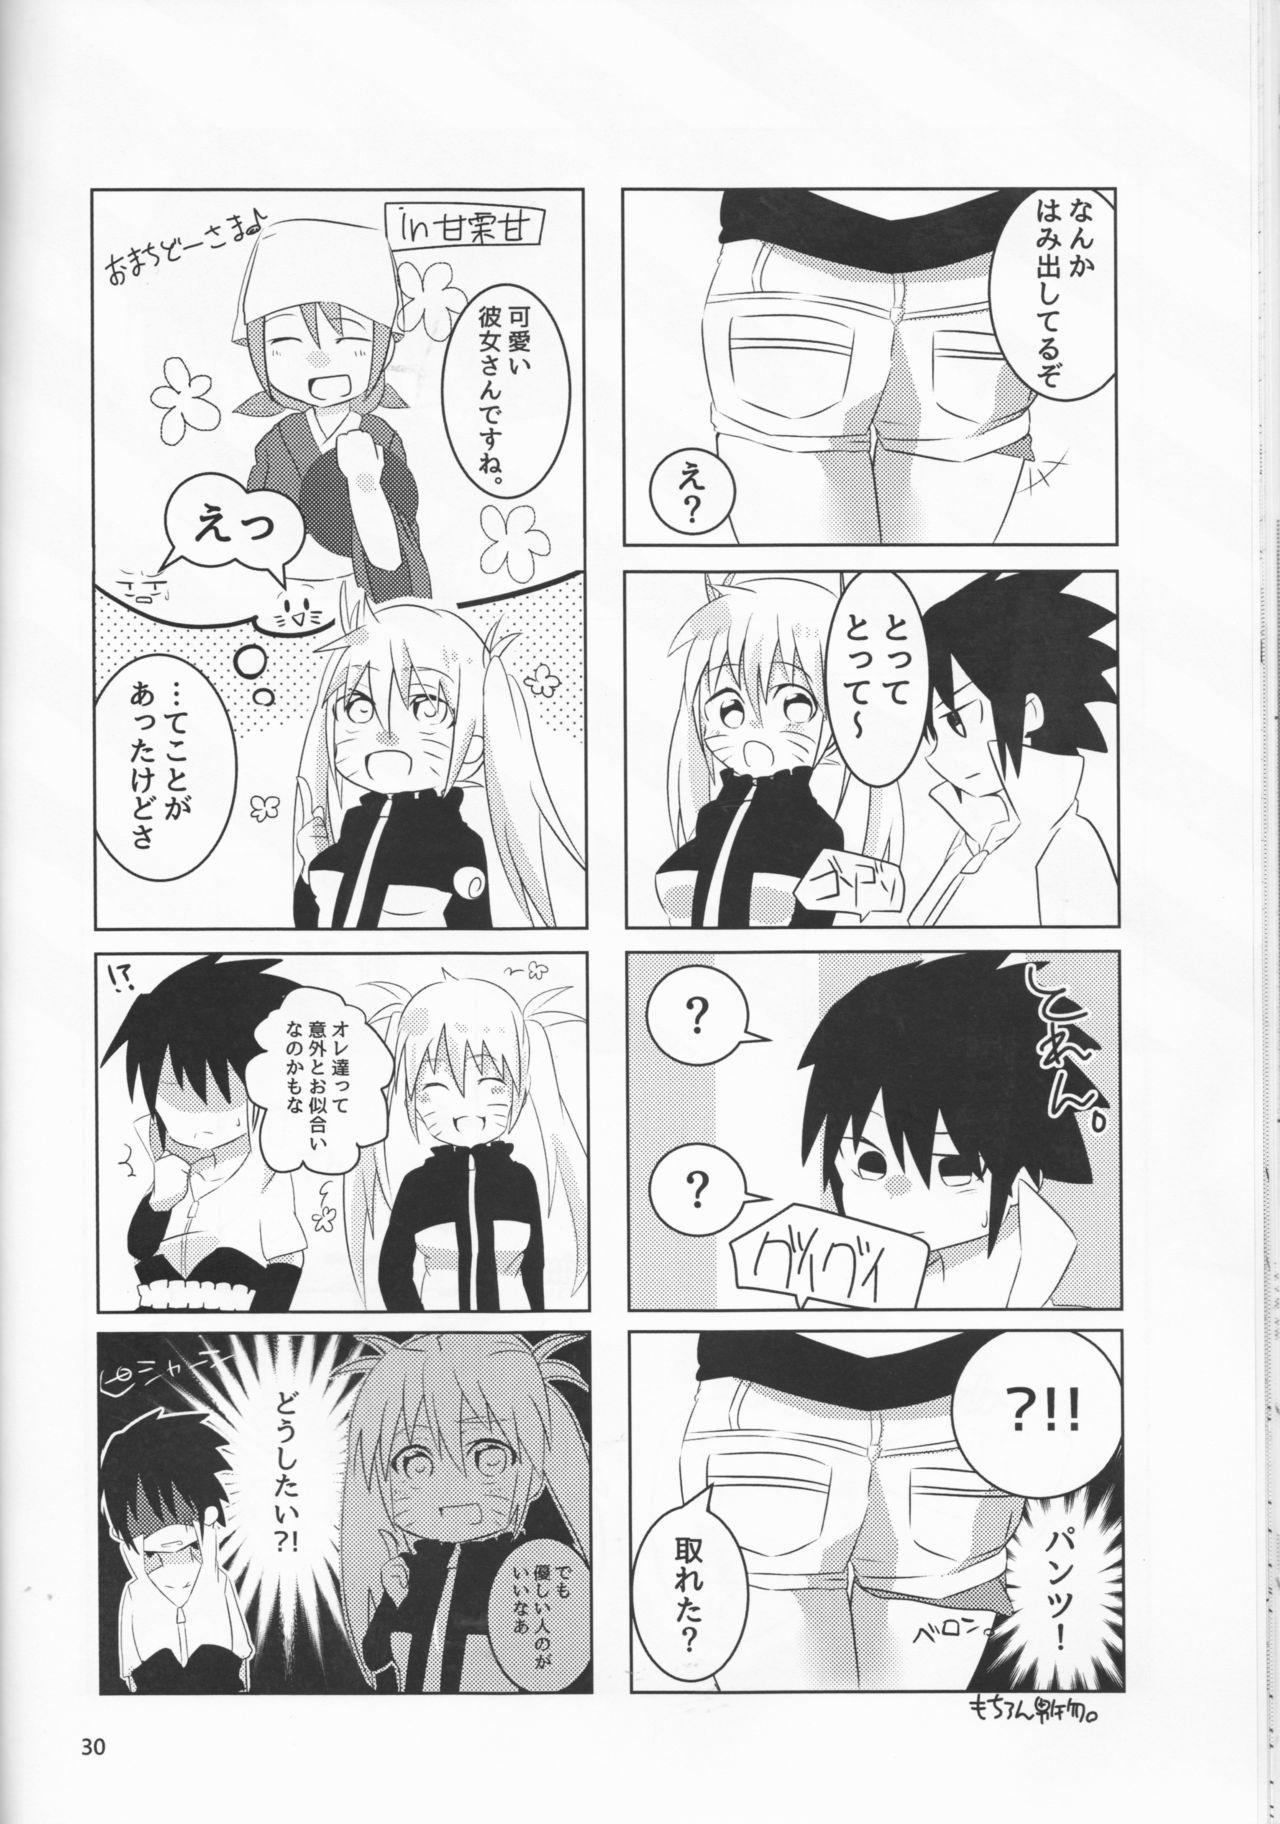 Douyara Usuratonkachi no Kudaranai Jutsu wa Ore ni Kouka ga Nai rashii. 29